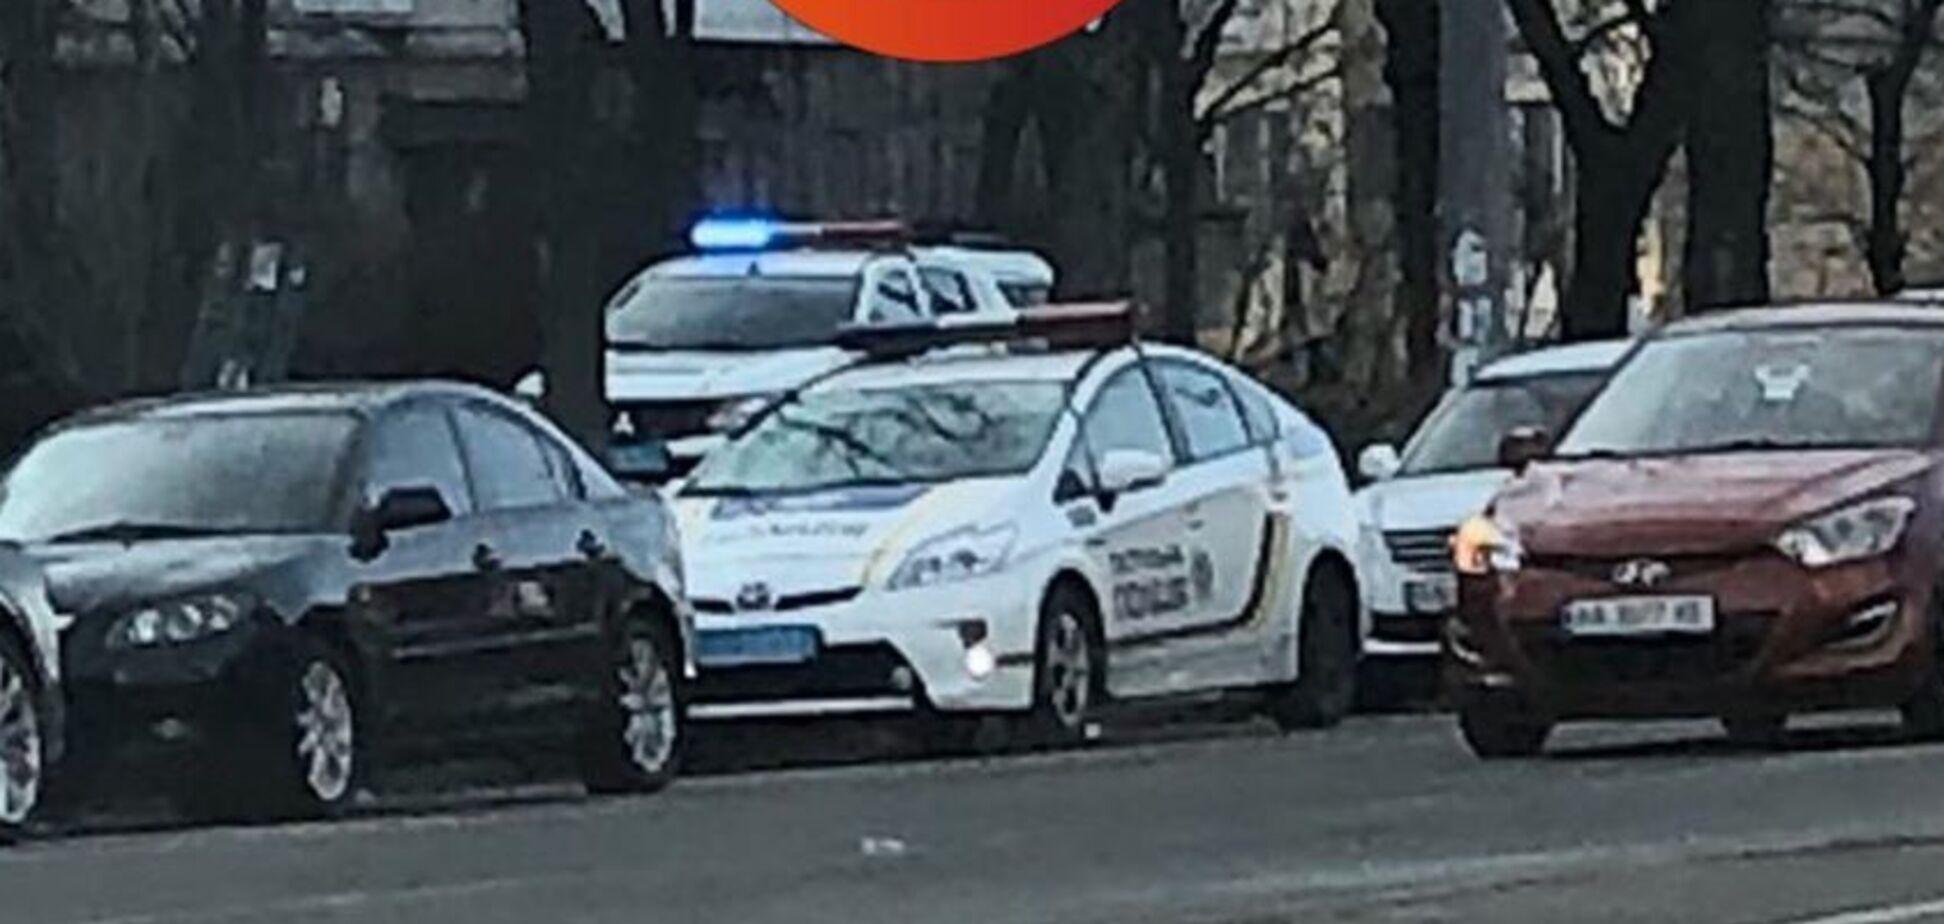 У Києві серед білого дня знайшли труп у під'їзді: перші фото і деталі